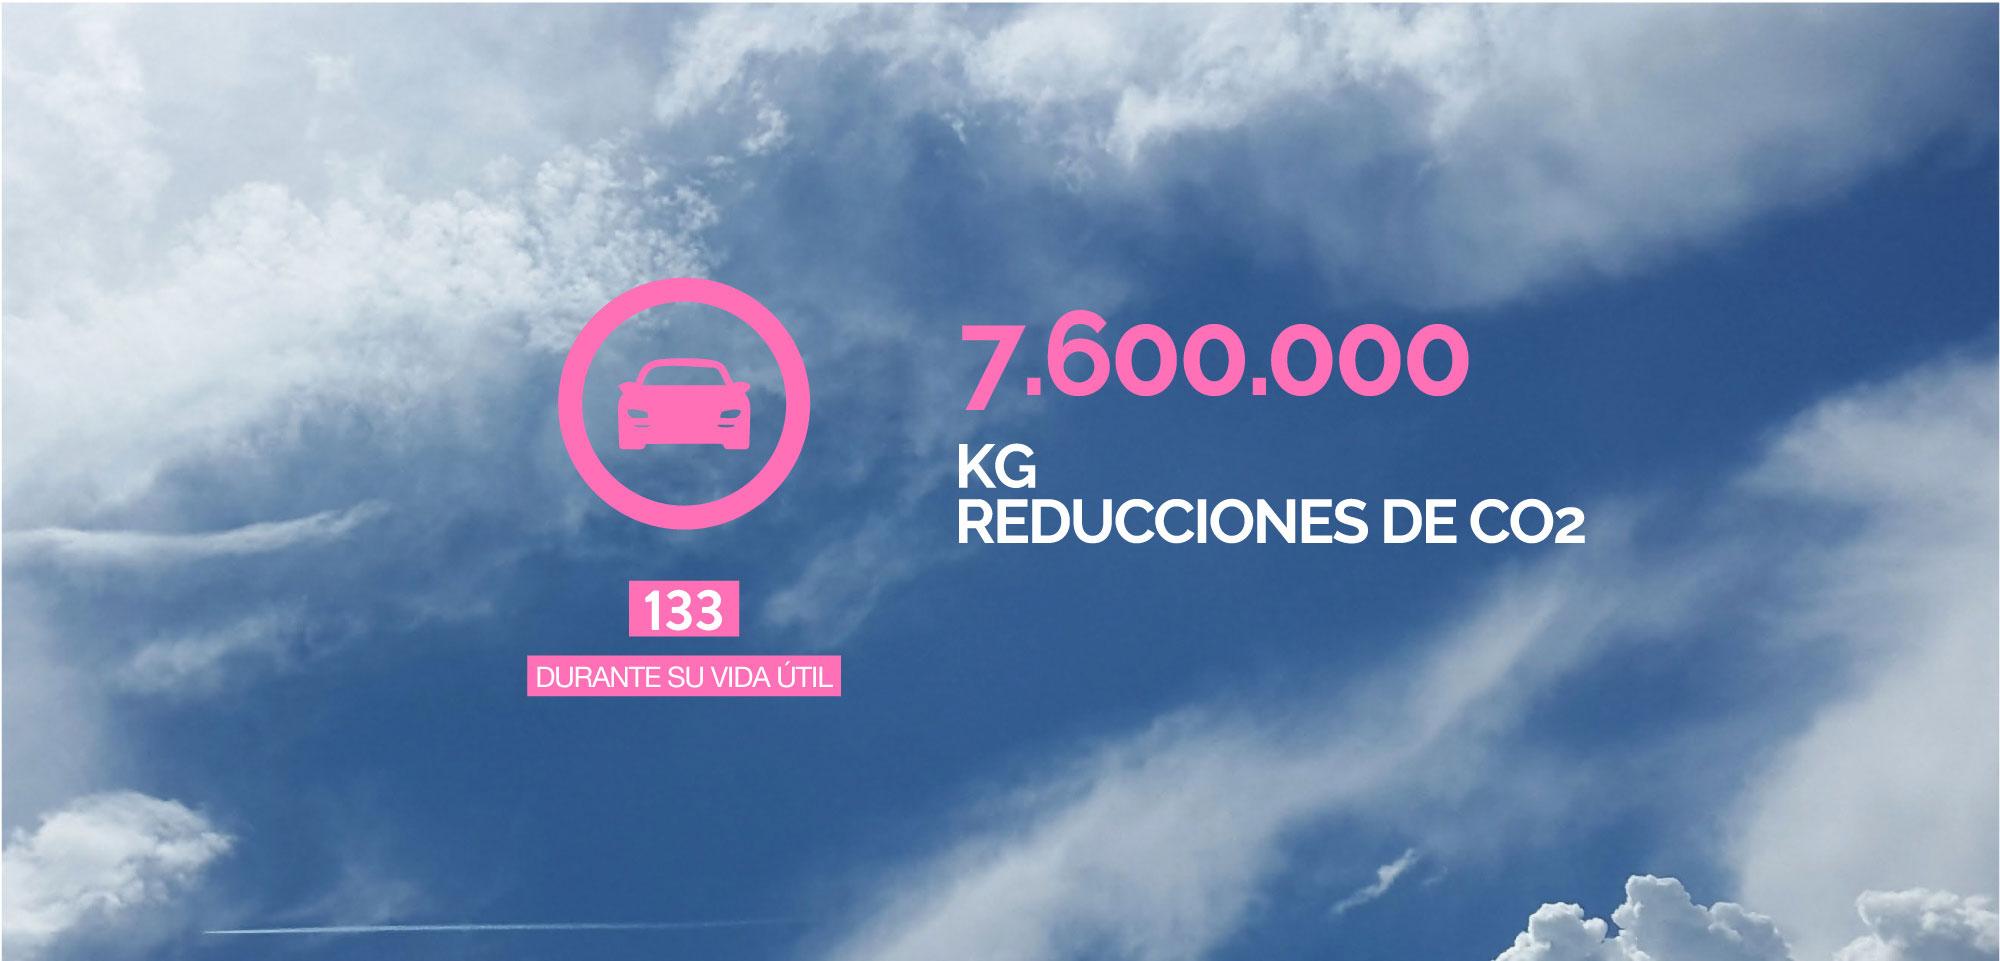 Sostenibilidad Ecolife by Belda Llorens Hilos Ecologicos